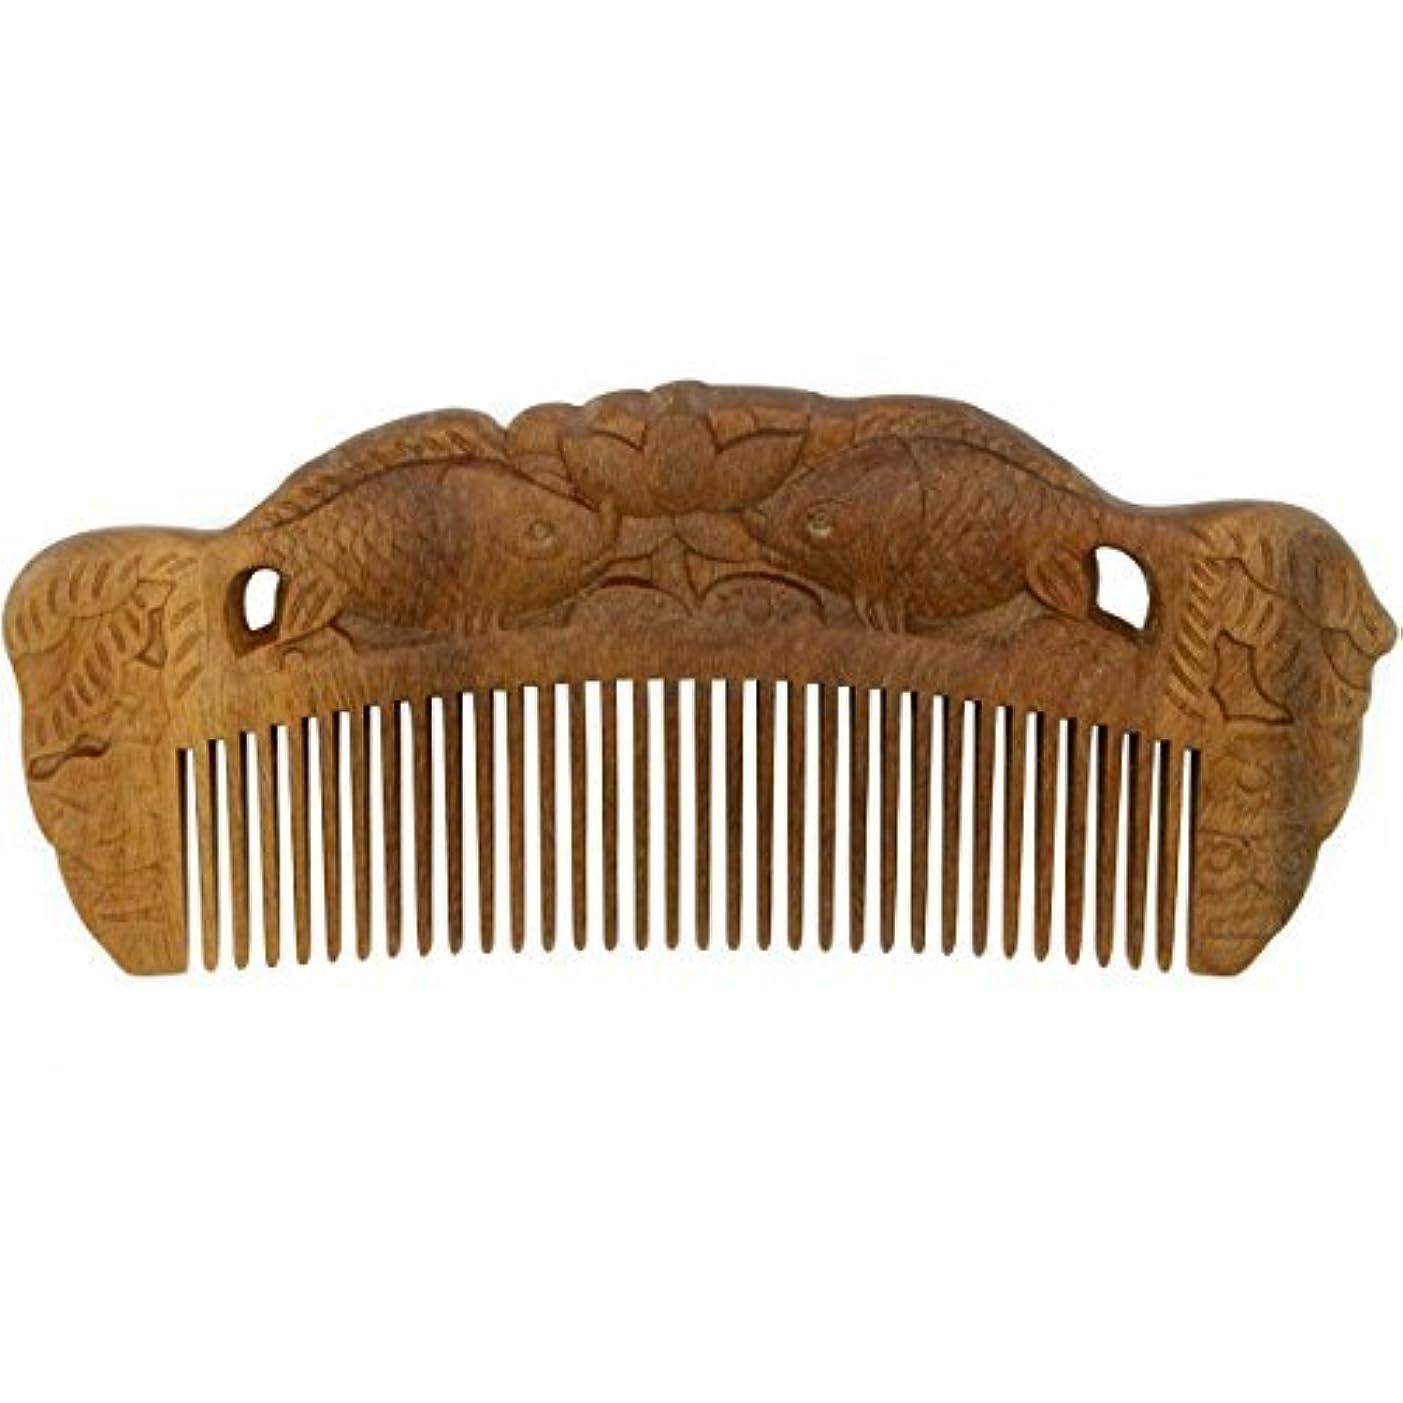 どんよりした朝の体操をする寝具YOY Handmade Carved Natural Sandalwood Hair Comb - Anti-static No Snag Brush for Men's Mustache Beard Care Anti...